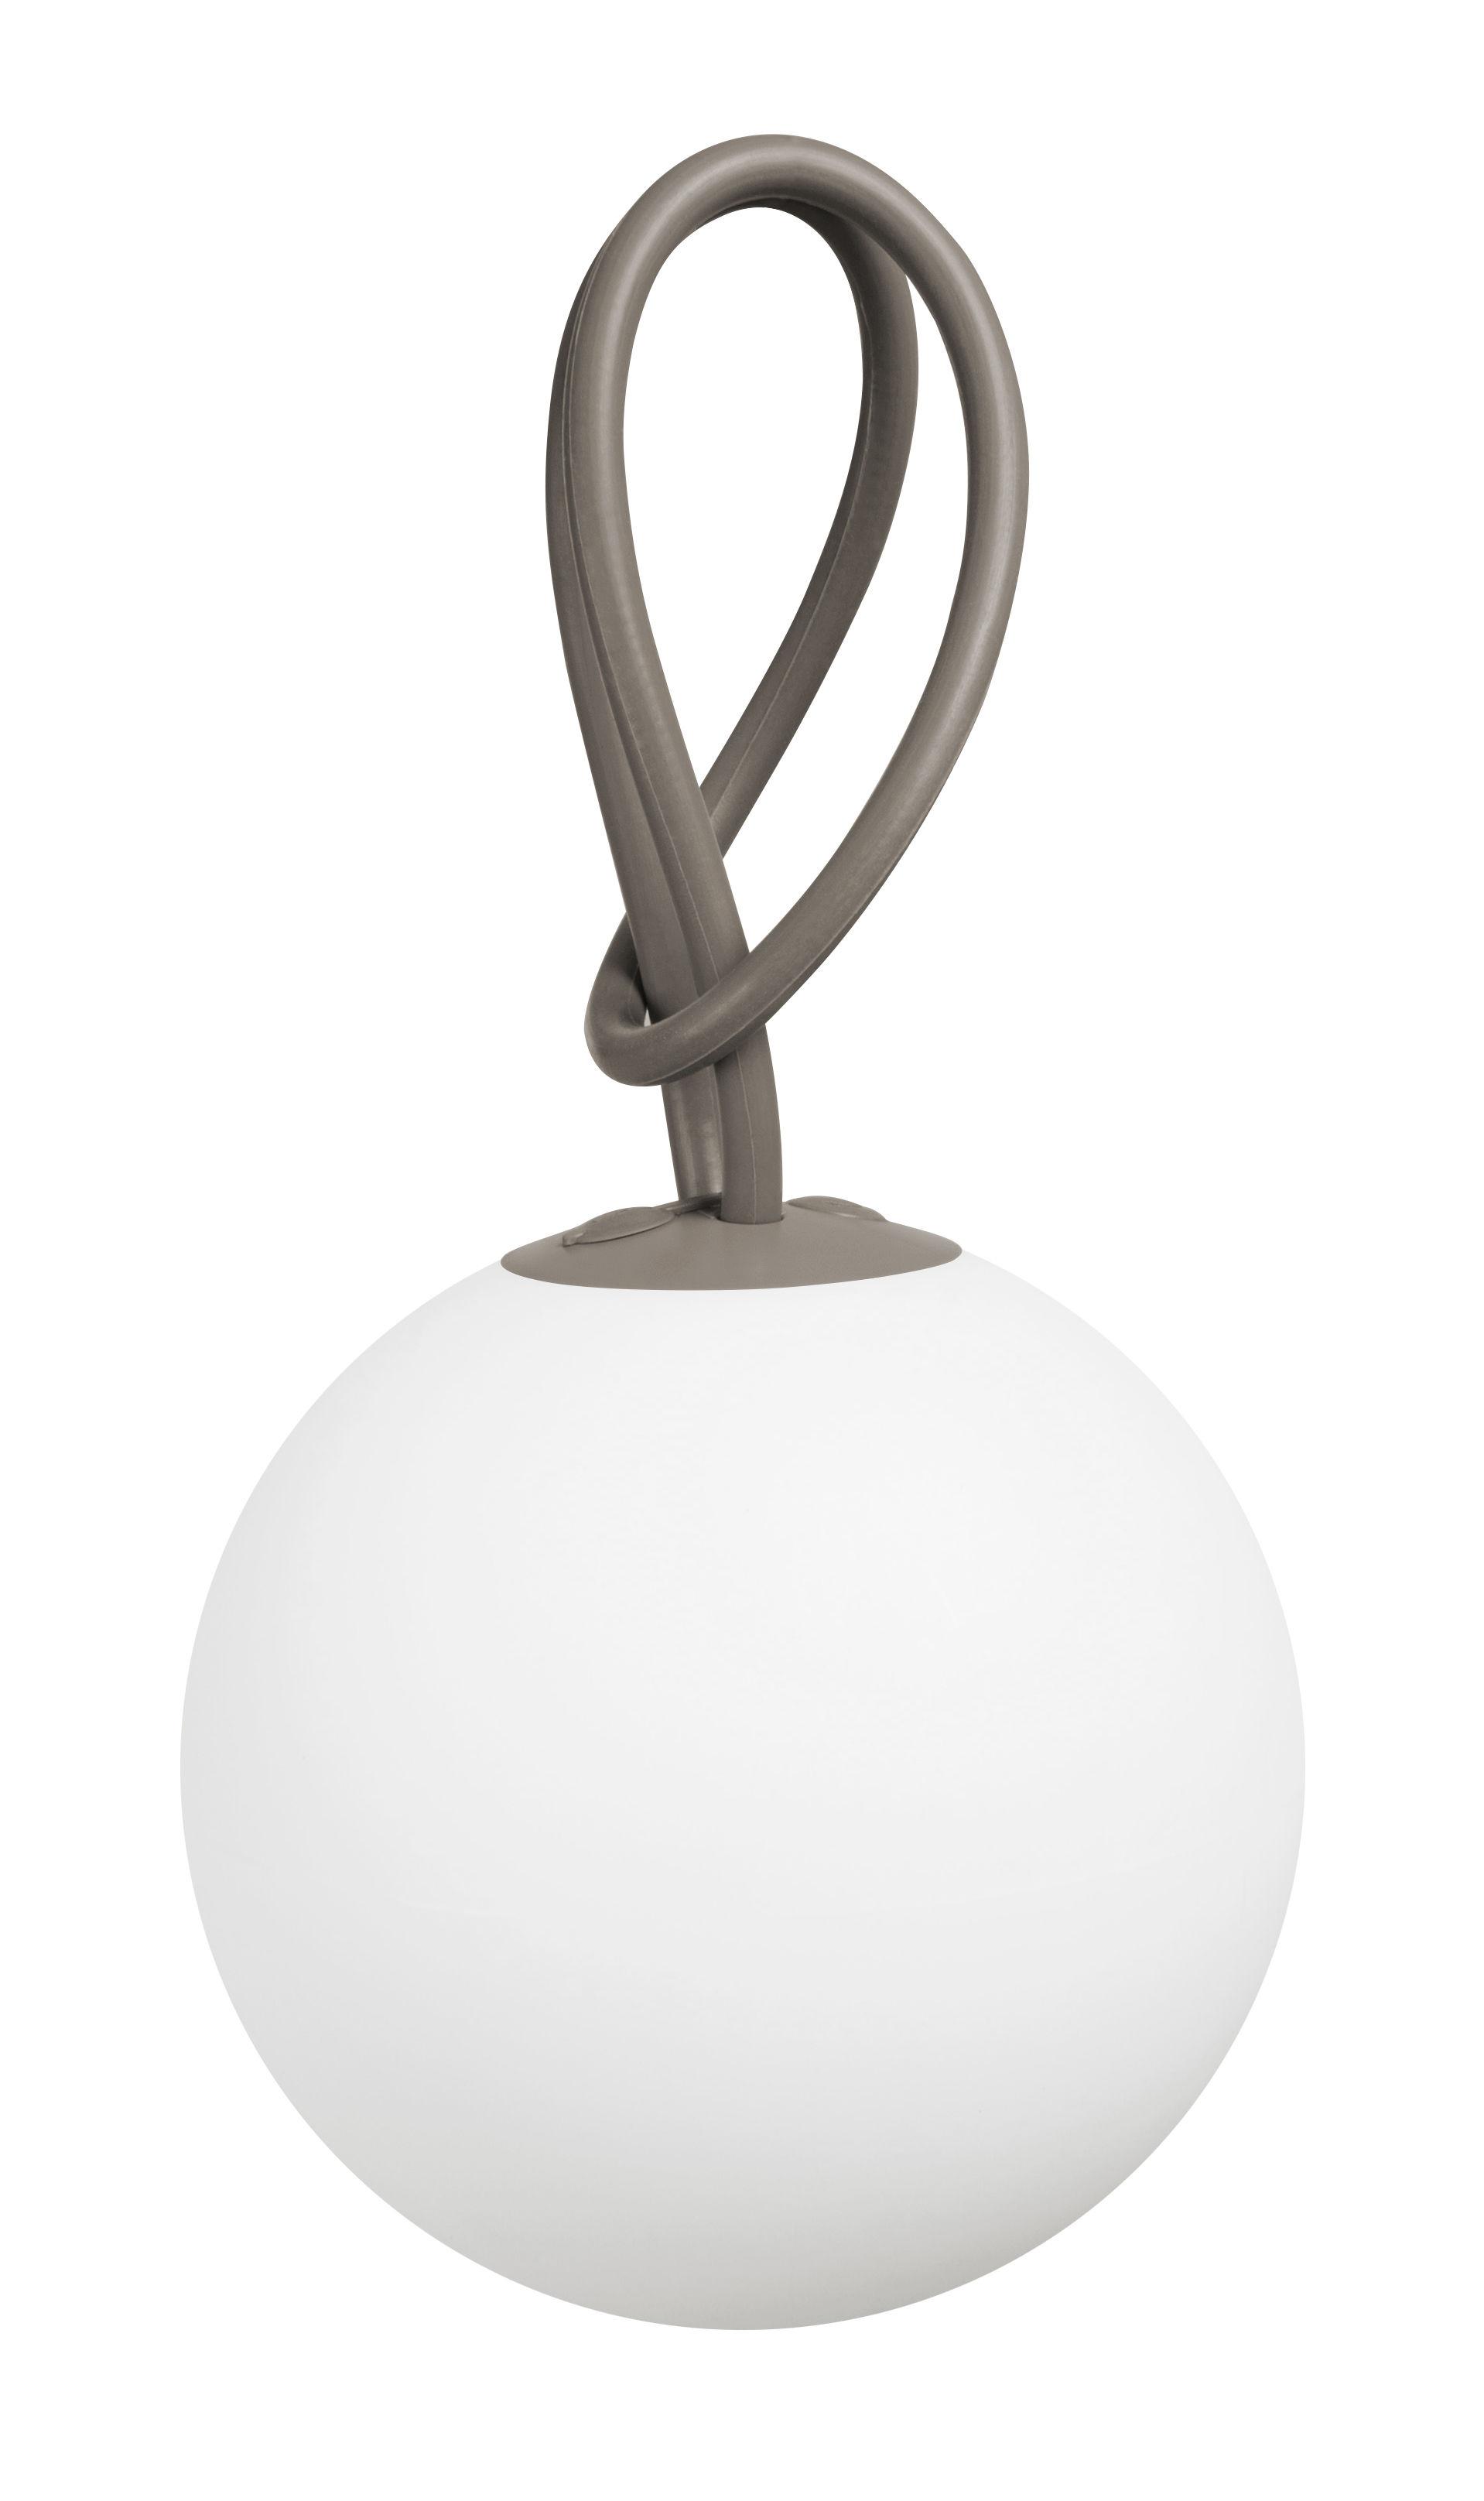 Luminaire - Lampes de table - Lampe sans fil Bolleke LED - Intérieur/extérieur - Fatboy - Taupe - Polyéthylène, Silicone